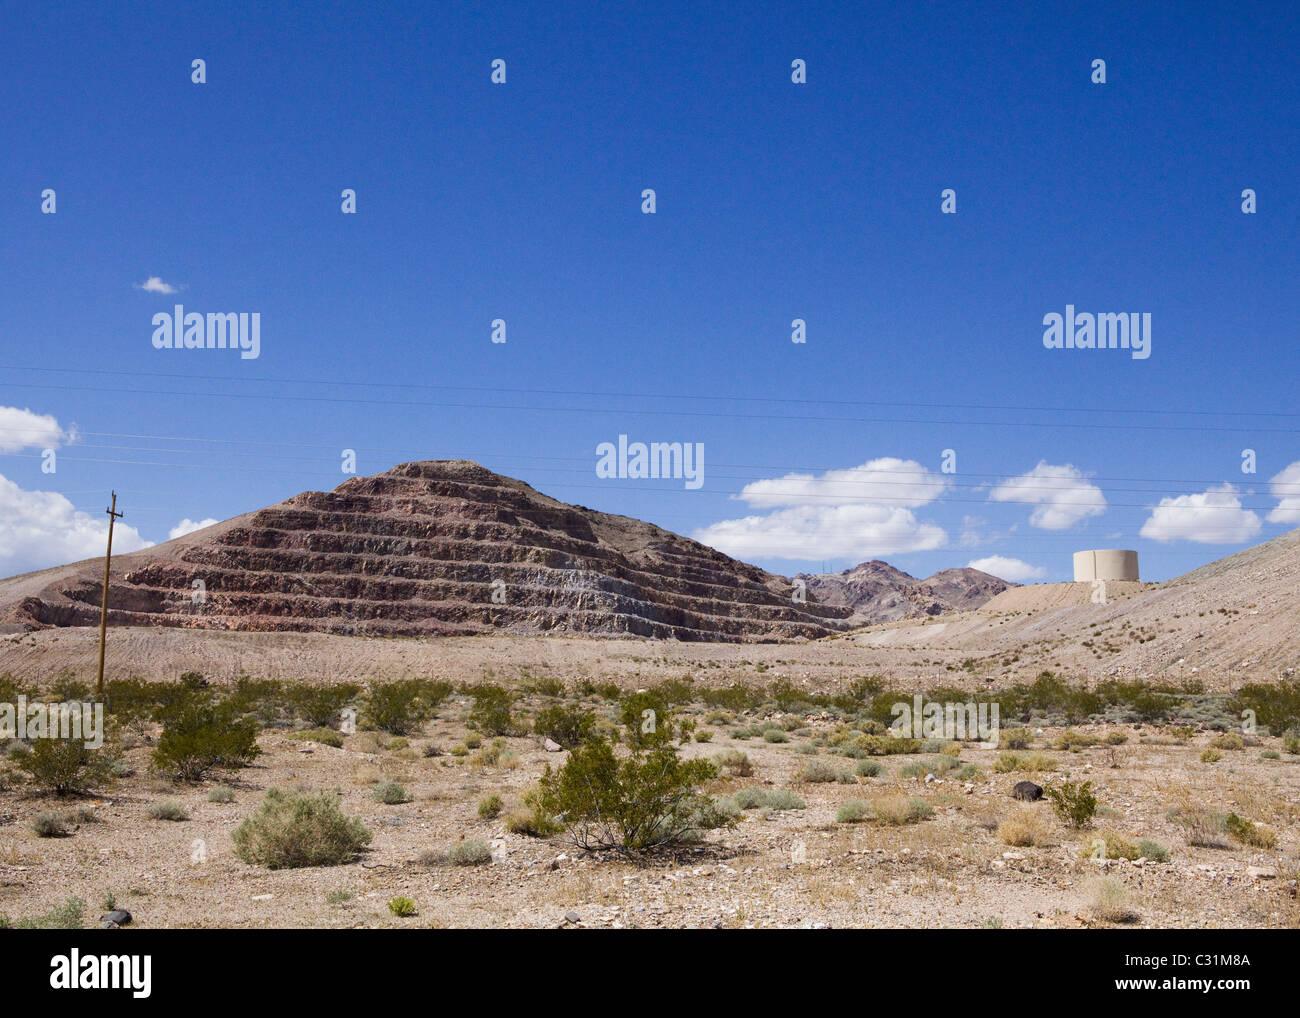 Surface mining landscape - Stock Image